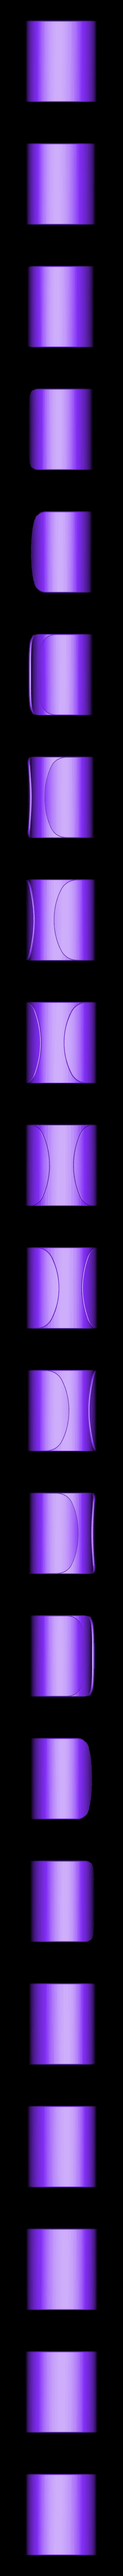 CuffBracelet_Simple.STL Télécharger fichier STL gratuit Bracelet à manchette • Objet imprimable en 3D, PrintelierProps